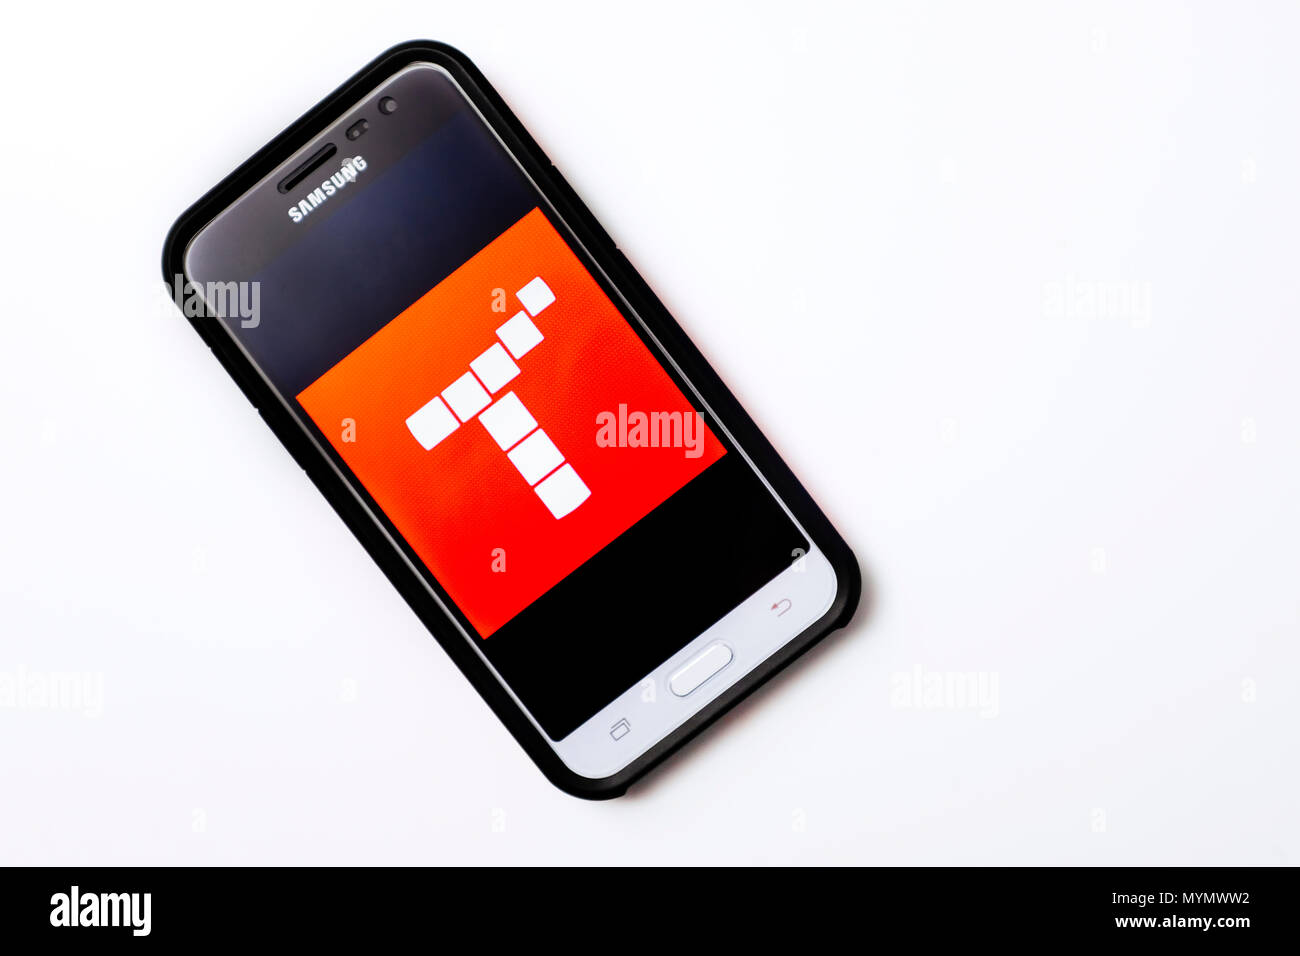 Illustrative Editorial Bild eines Samsung Smartphone mit dem Tynker App Logo auf dem Bildschirm angezeigt. Stockbild